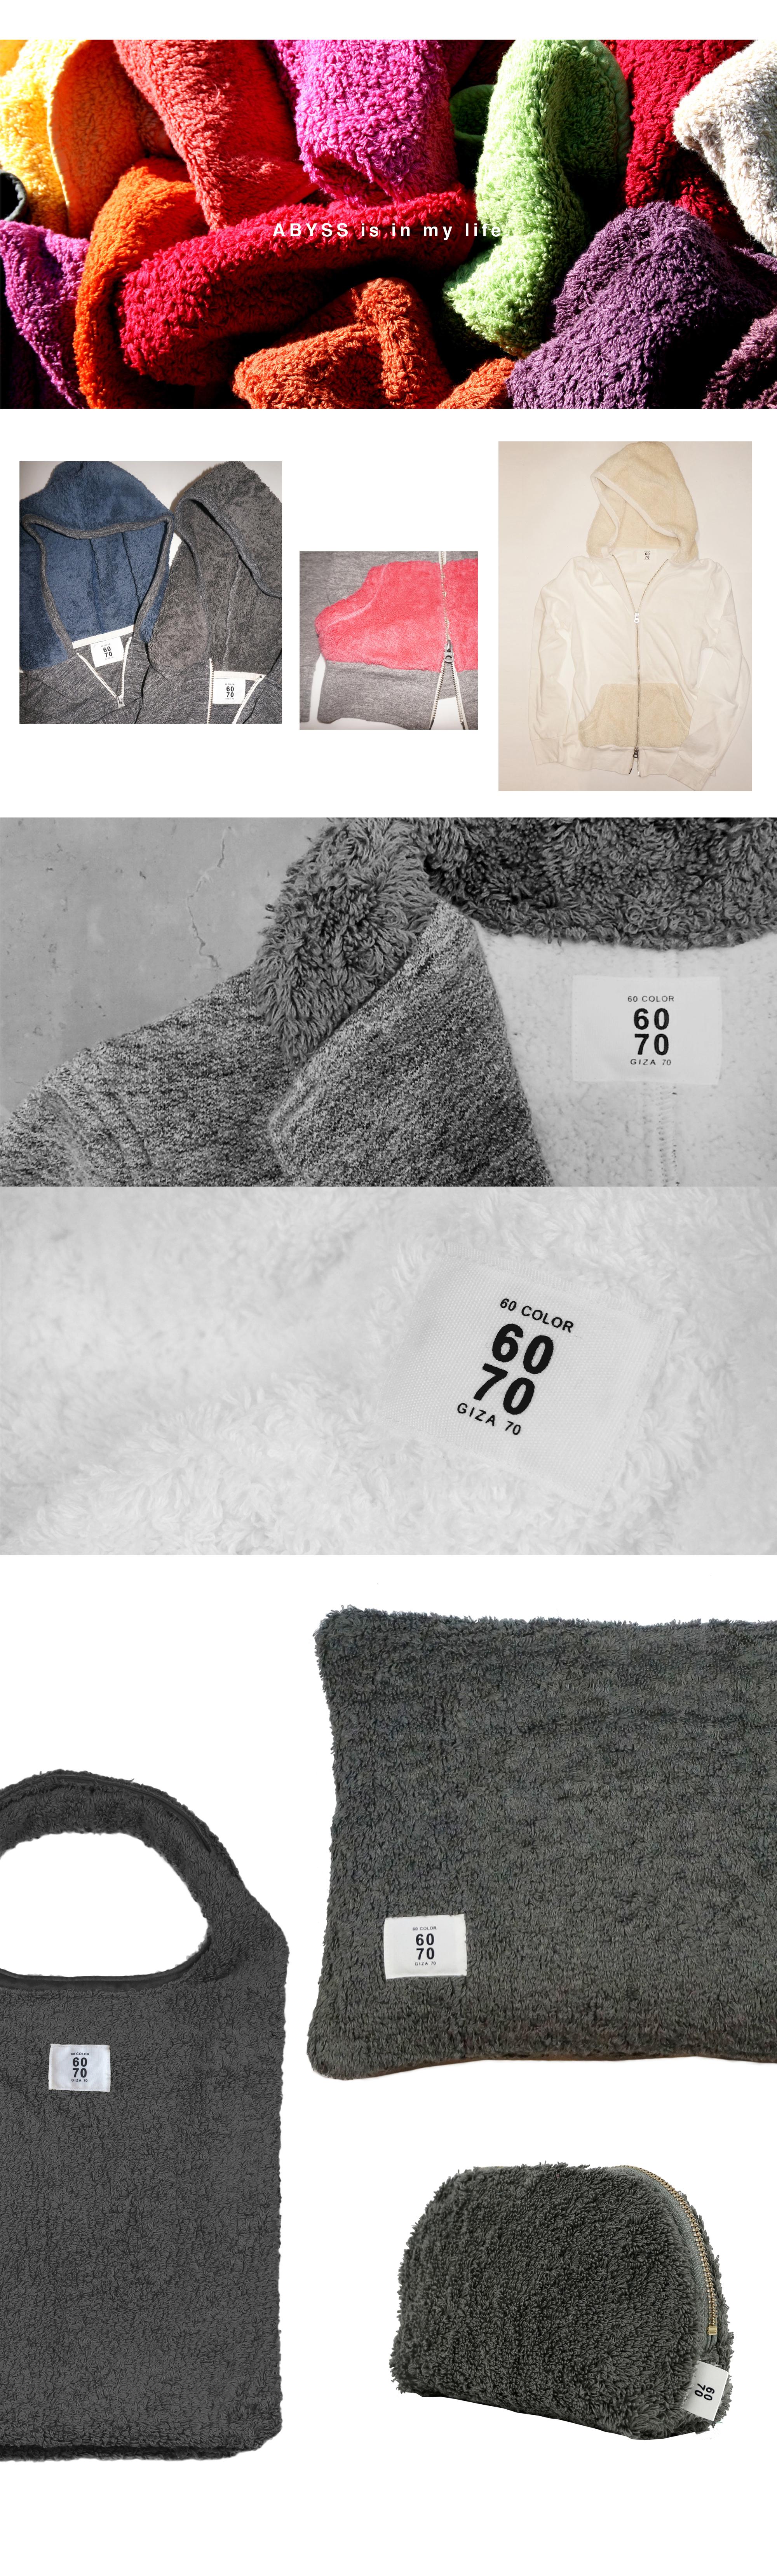 6070(シックスティ セブンティ)は、ずっとABYSSに触れていたい、をコンセプトにしたスタートした日本限定のライフスタイルブランド。エジプト綿100%のスーパーパイルタオルを使ったジャケット、パーカーなどのアパレルやクッション、ポーチといった生活雑貨を展開しています。